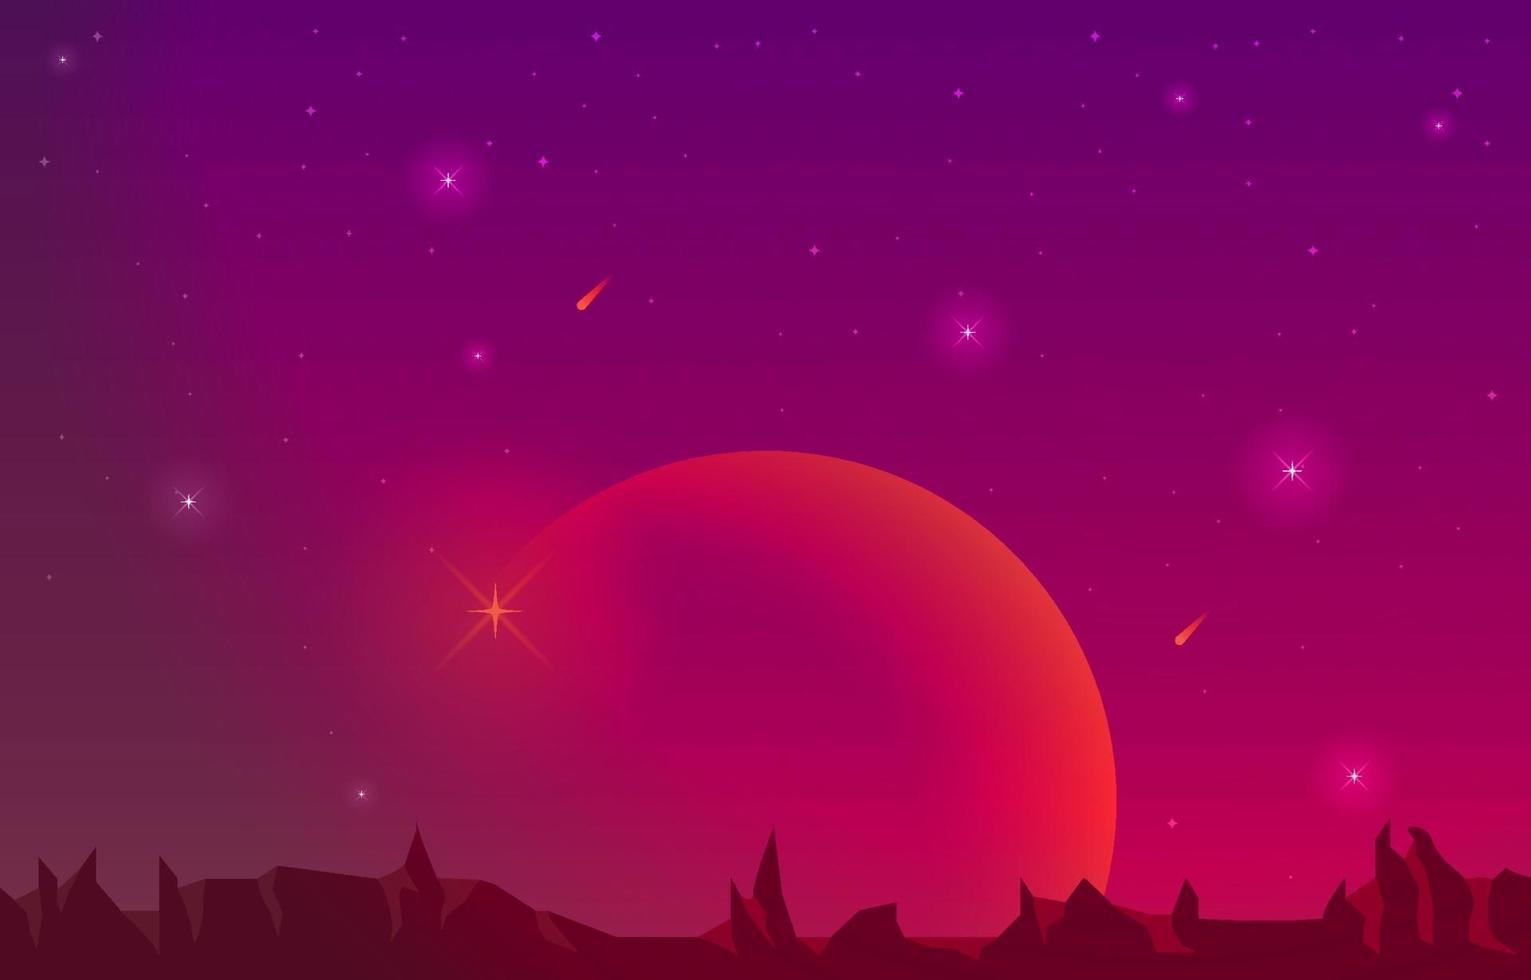 superficie del paisaje del planeta cielo espacio ciencia ficción fantasía ilustración vector